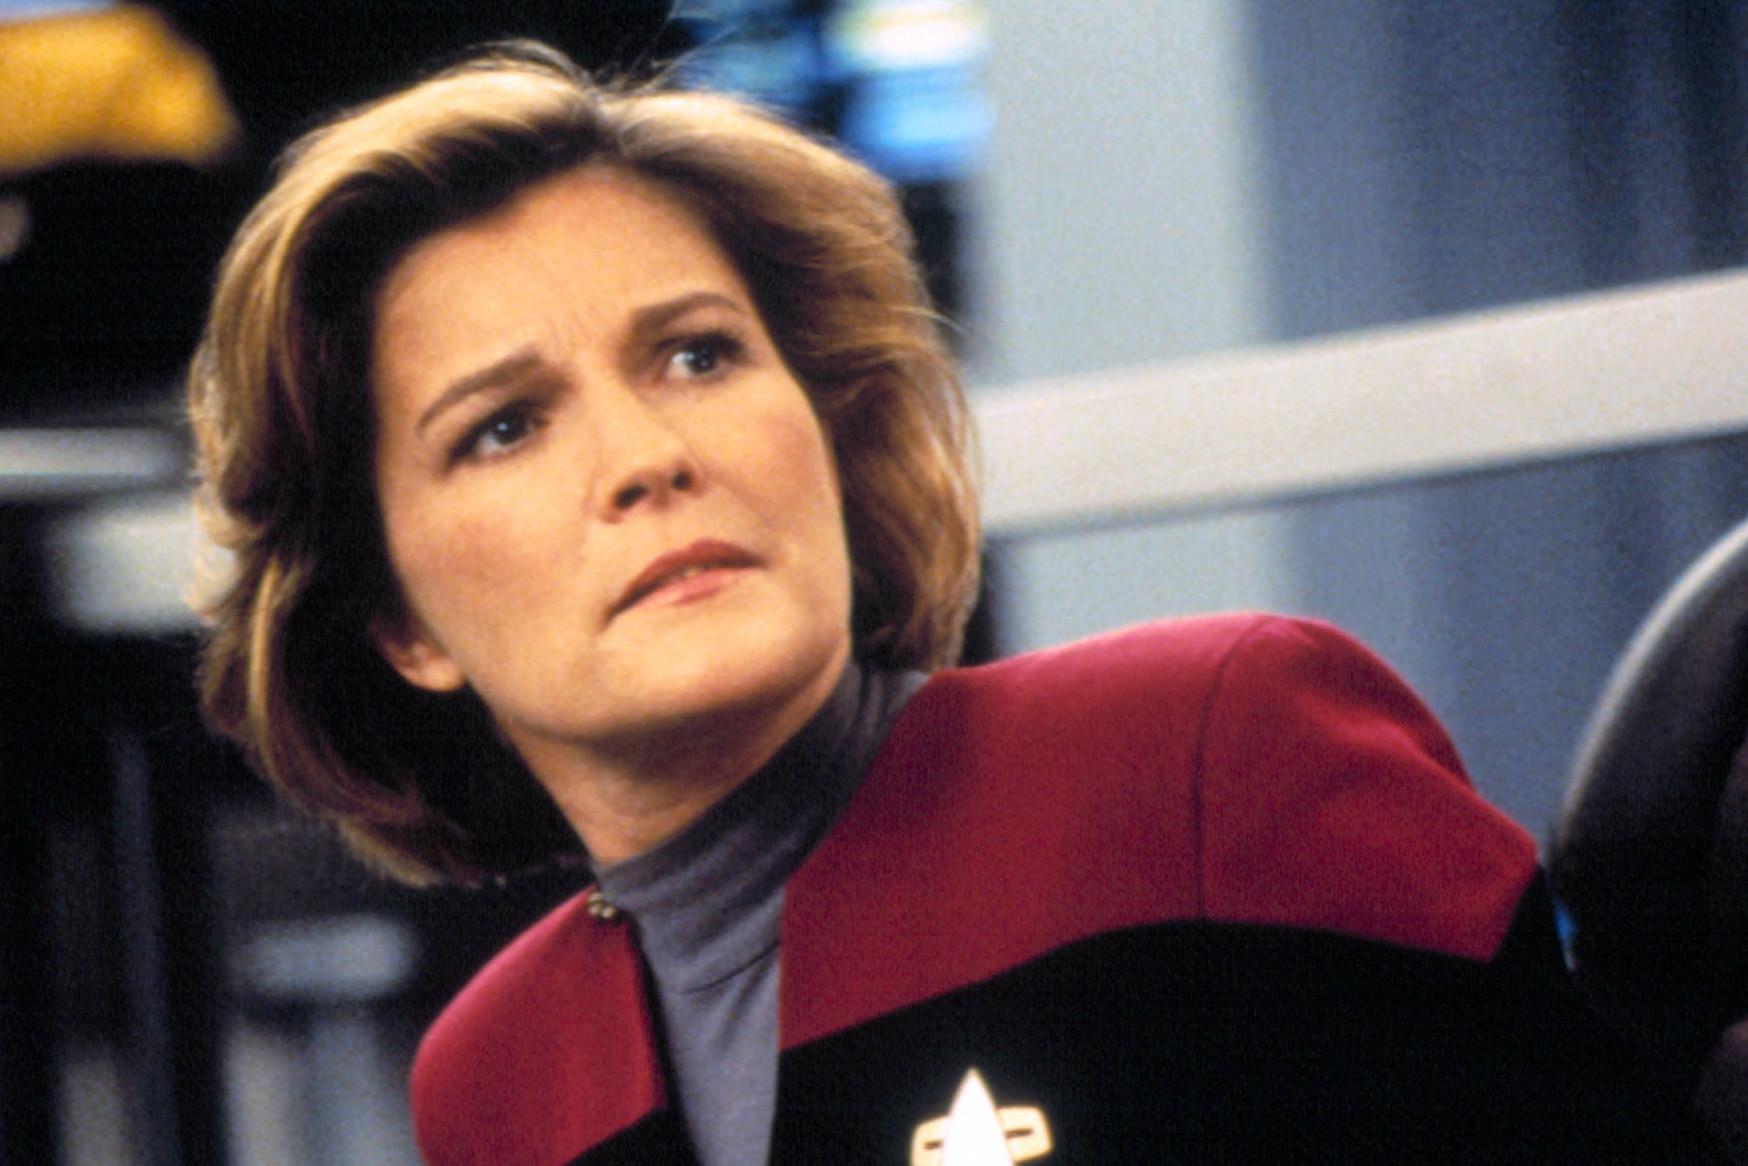 Kate Mulgrew nie jest aktorką jednej roli. Młodsi widzowie kojarzą ją raczej z występem w Orange is the new Black, niż ze Star Trekiem / Fot. CBS